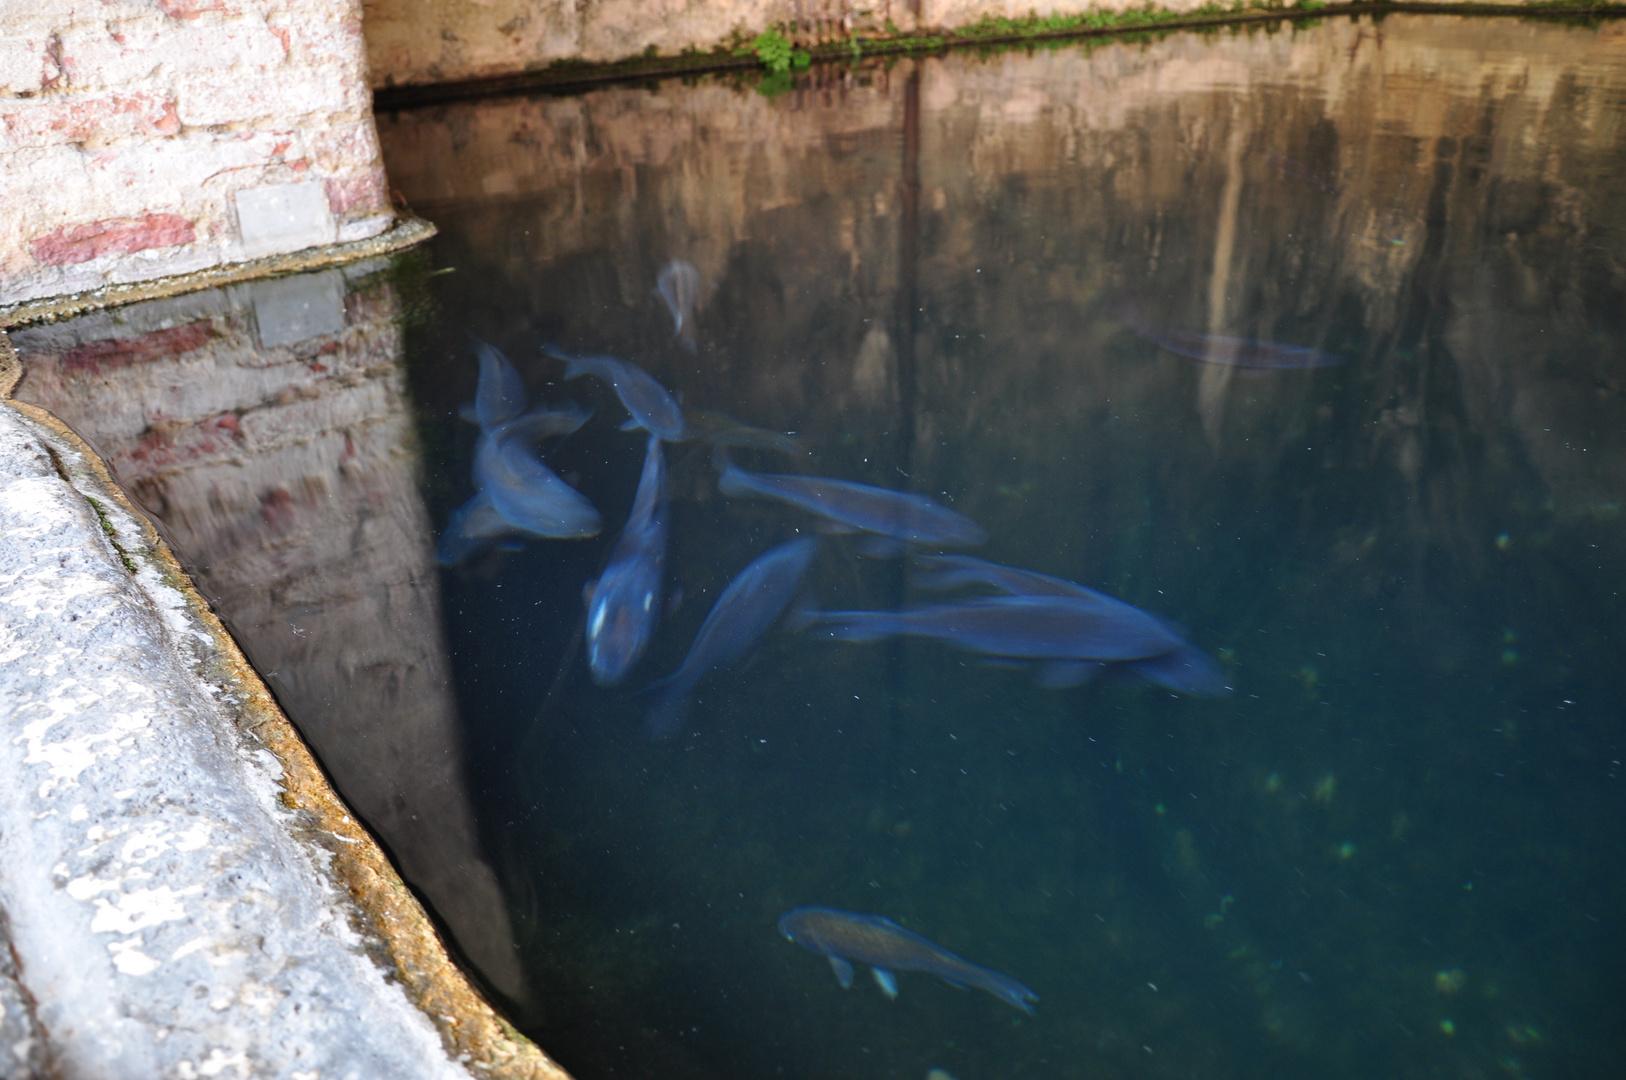 Geisterfische in der Wasserzisterne